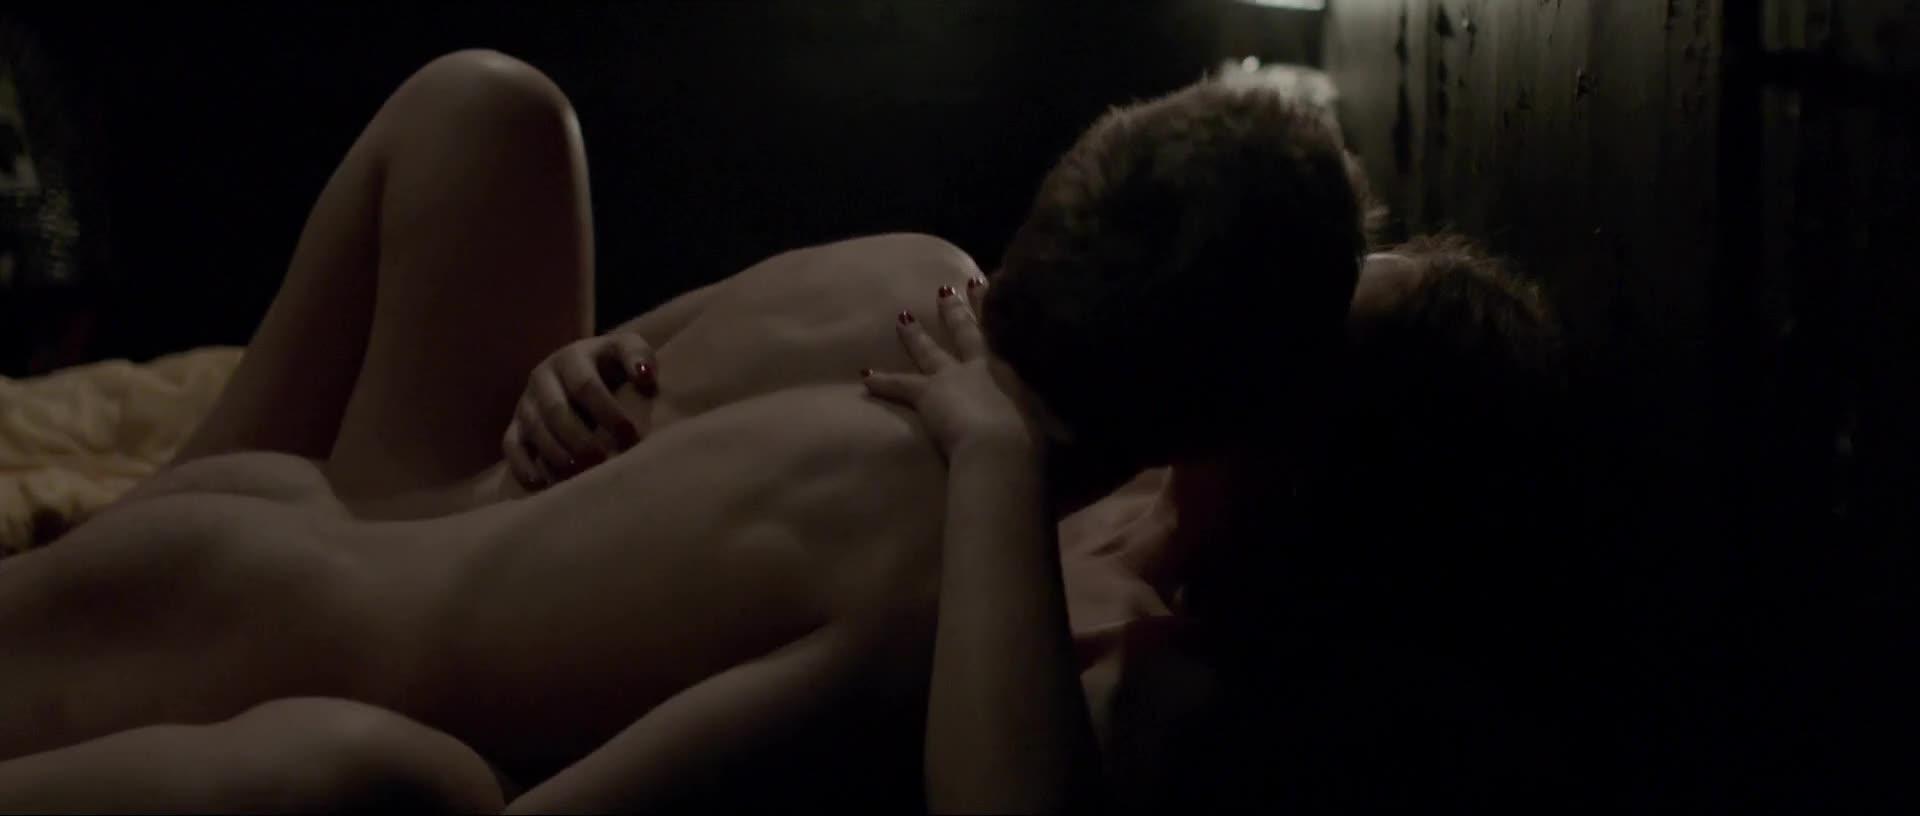 Casta nackt Marie-Ange  Naked Celebs